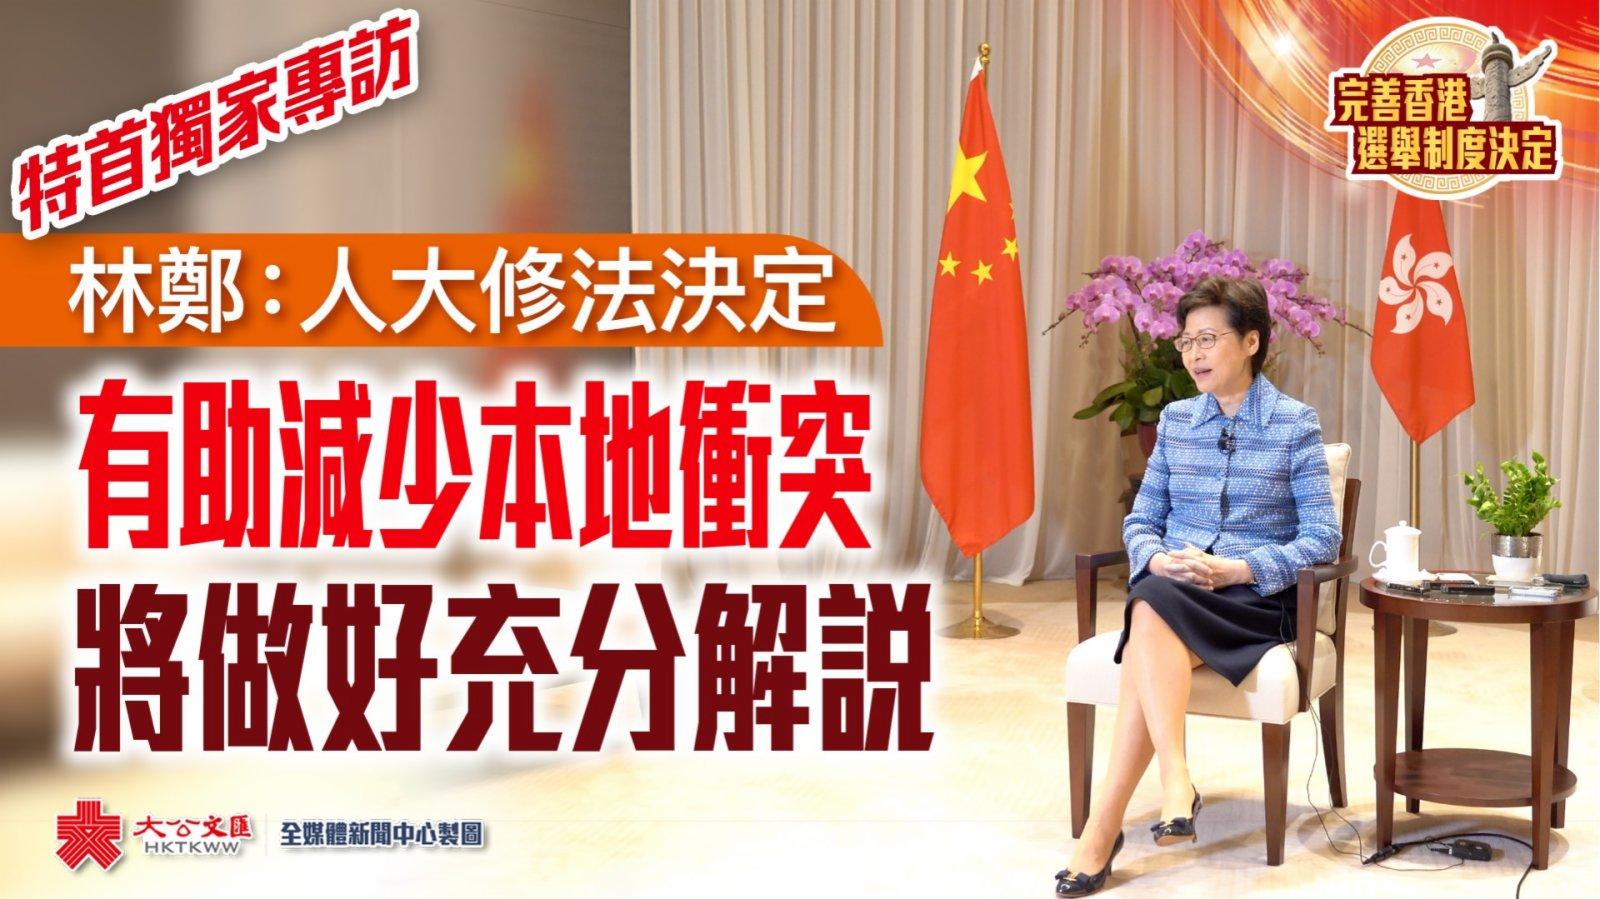 特首專訪|林鄭:人大修法決定有助減少本地衝突 將做好充分解說